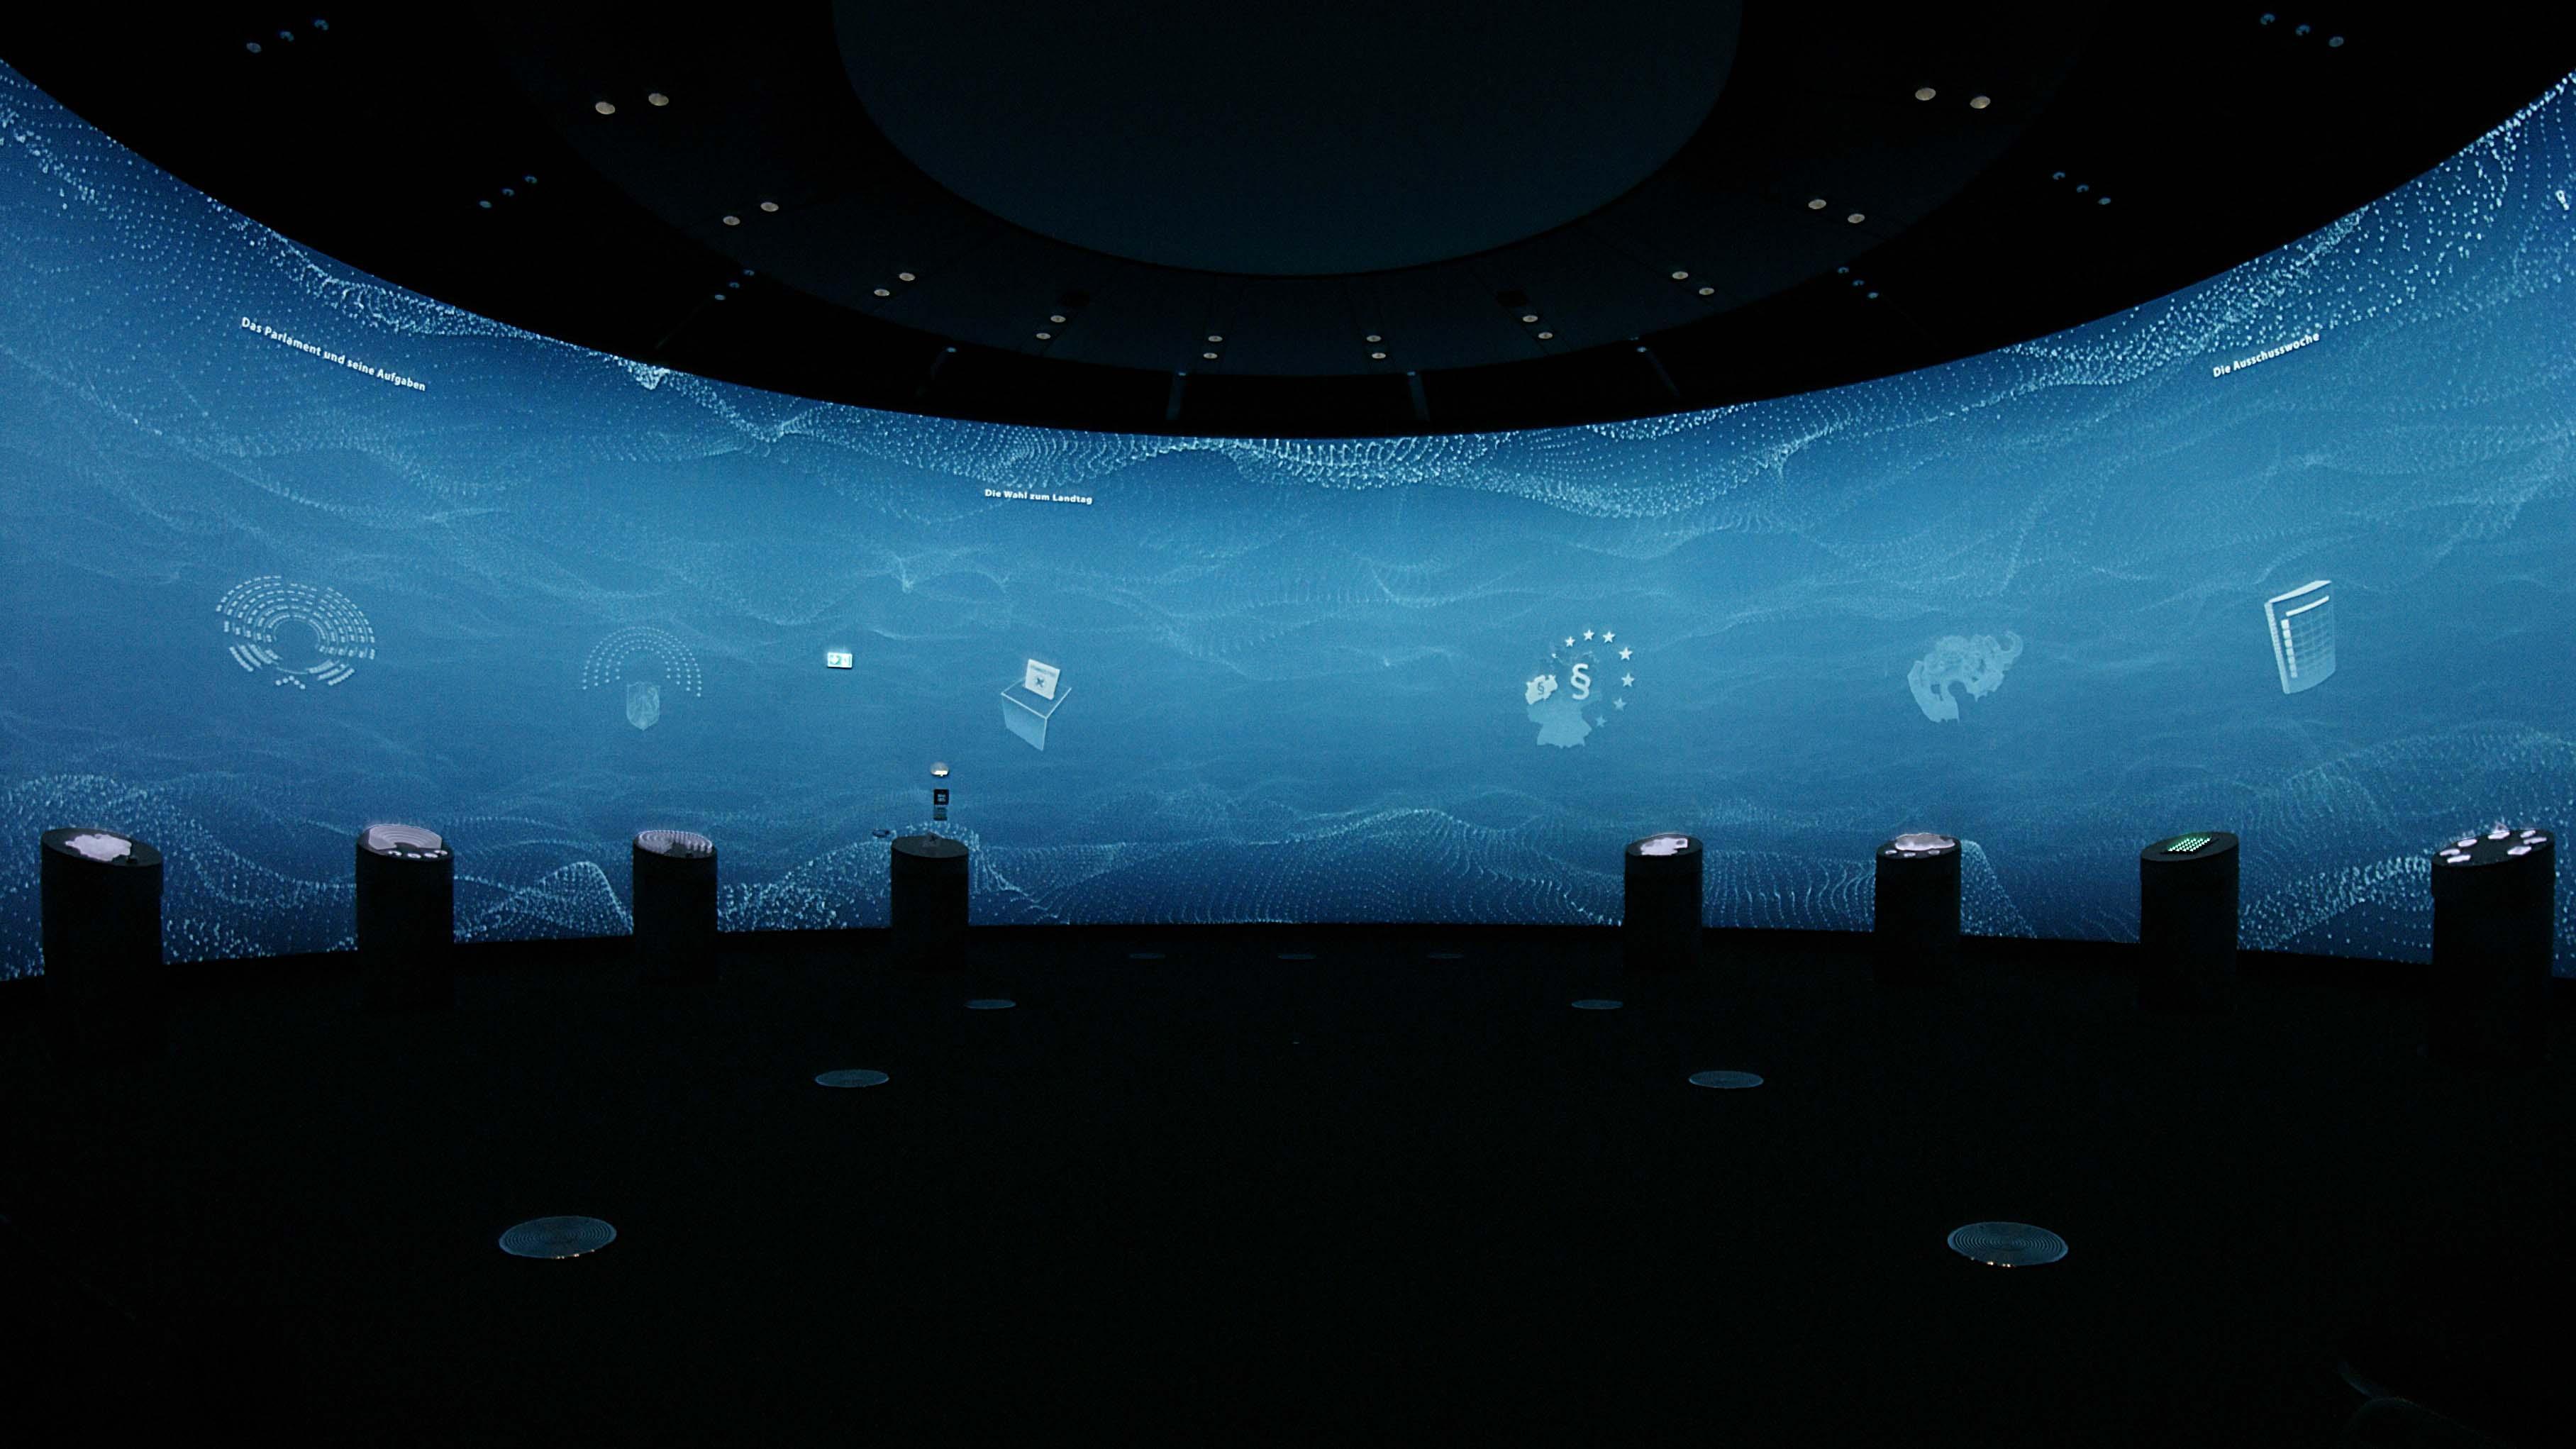 interaktiv, interactive, panorama, projection, media, medien, stations, stationen, 3d sounddesign, panorama film, besucherzentrum, landtag nrw, munich, muenchen, visuarte